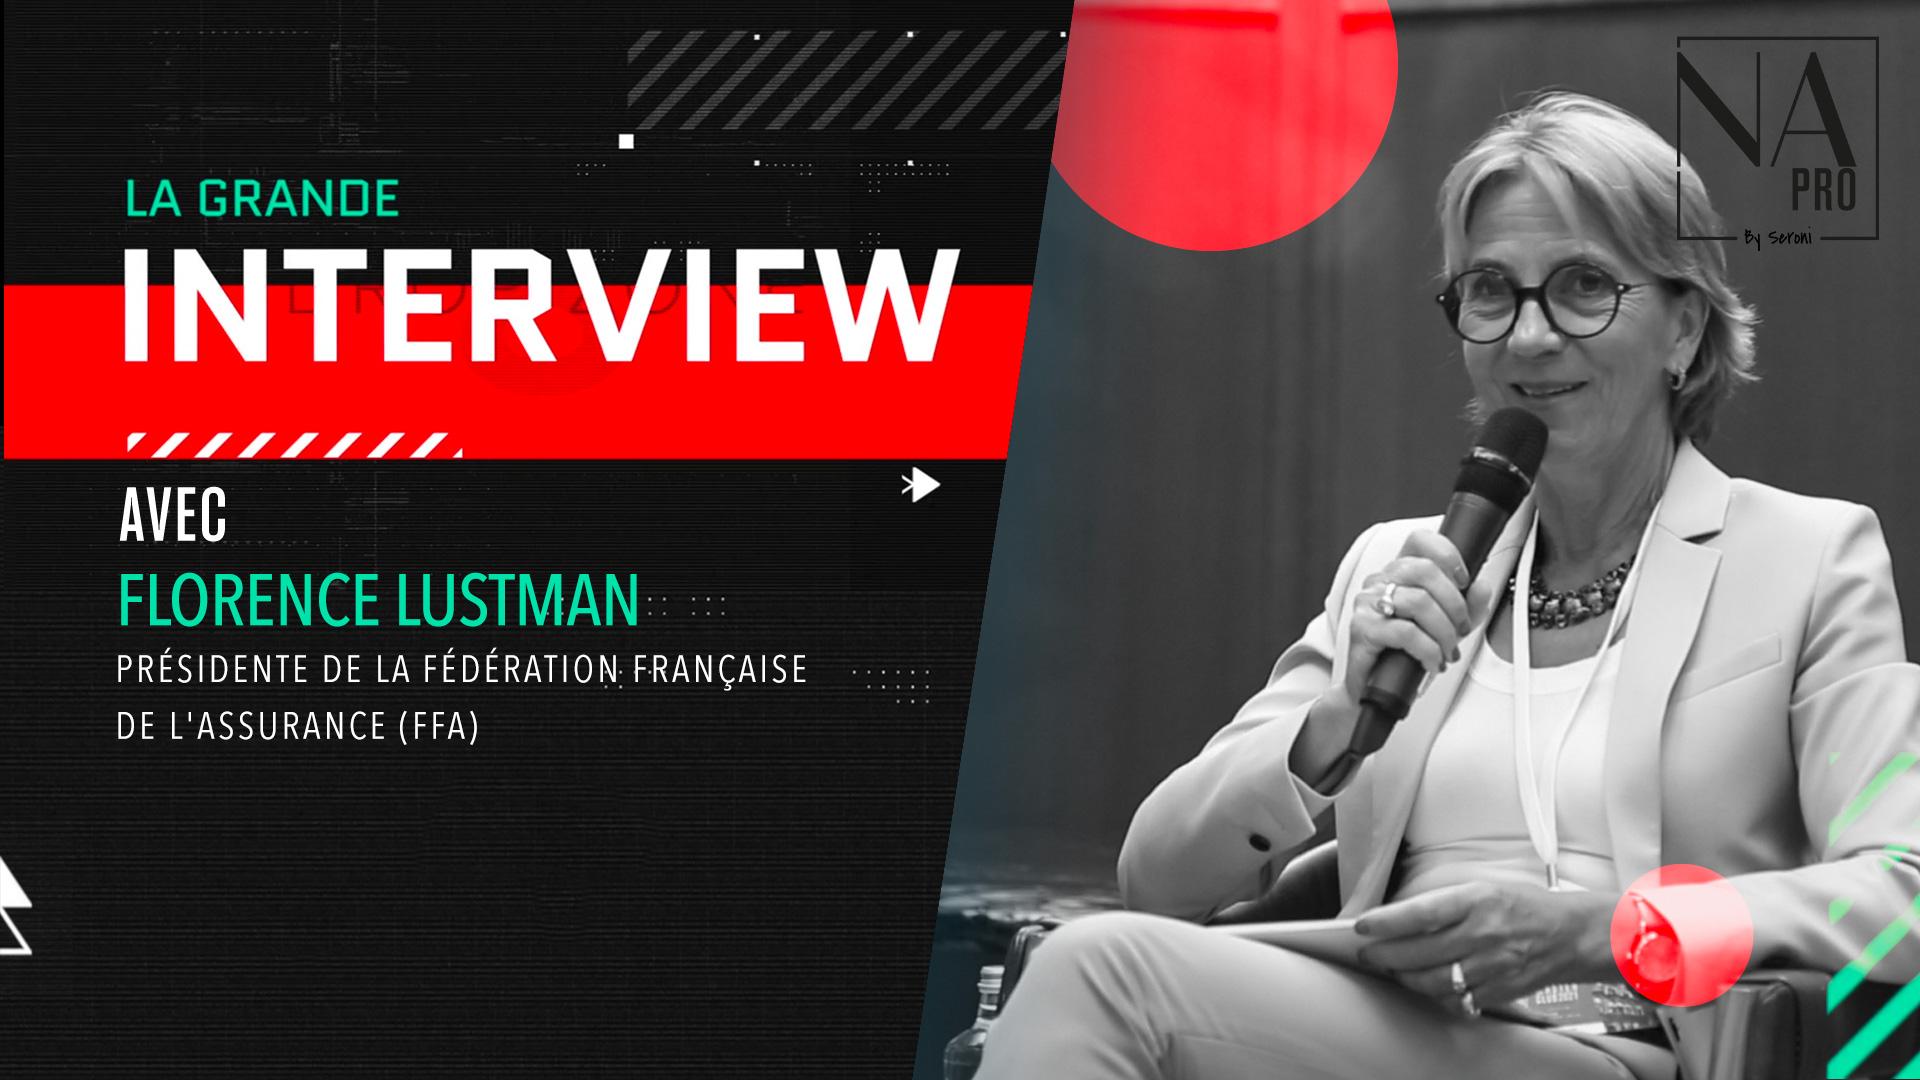 Florence Lustman, présidente de la FFA était présente au Master Club à Barcelone le 9 septembre dernier.